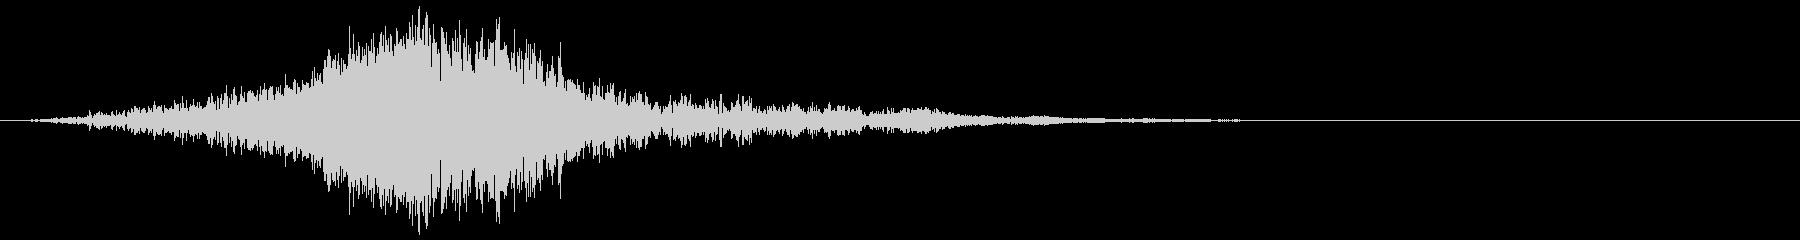 バーン:オープニングロゴなどの締めの音5の未再生の波形